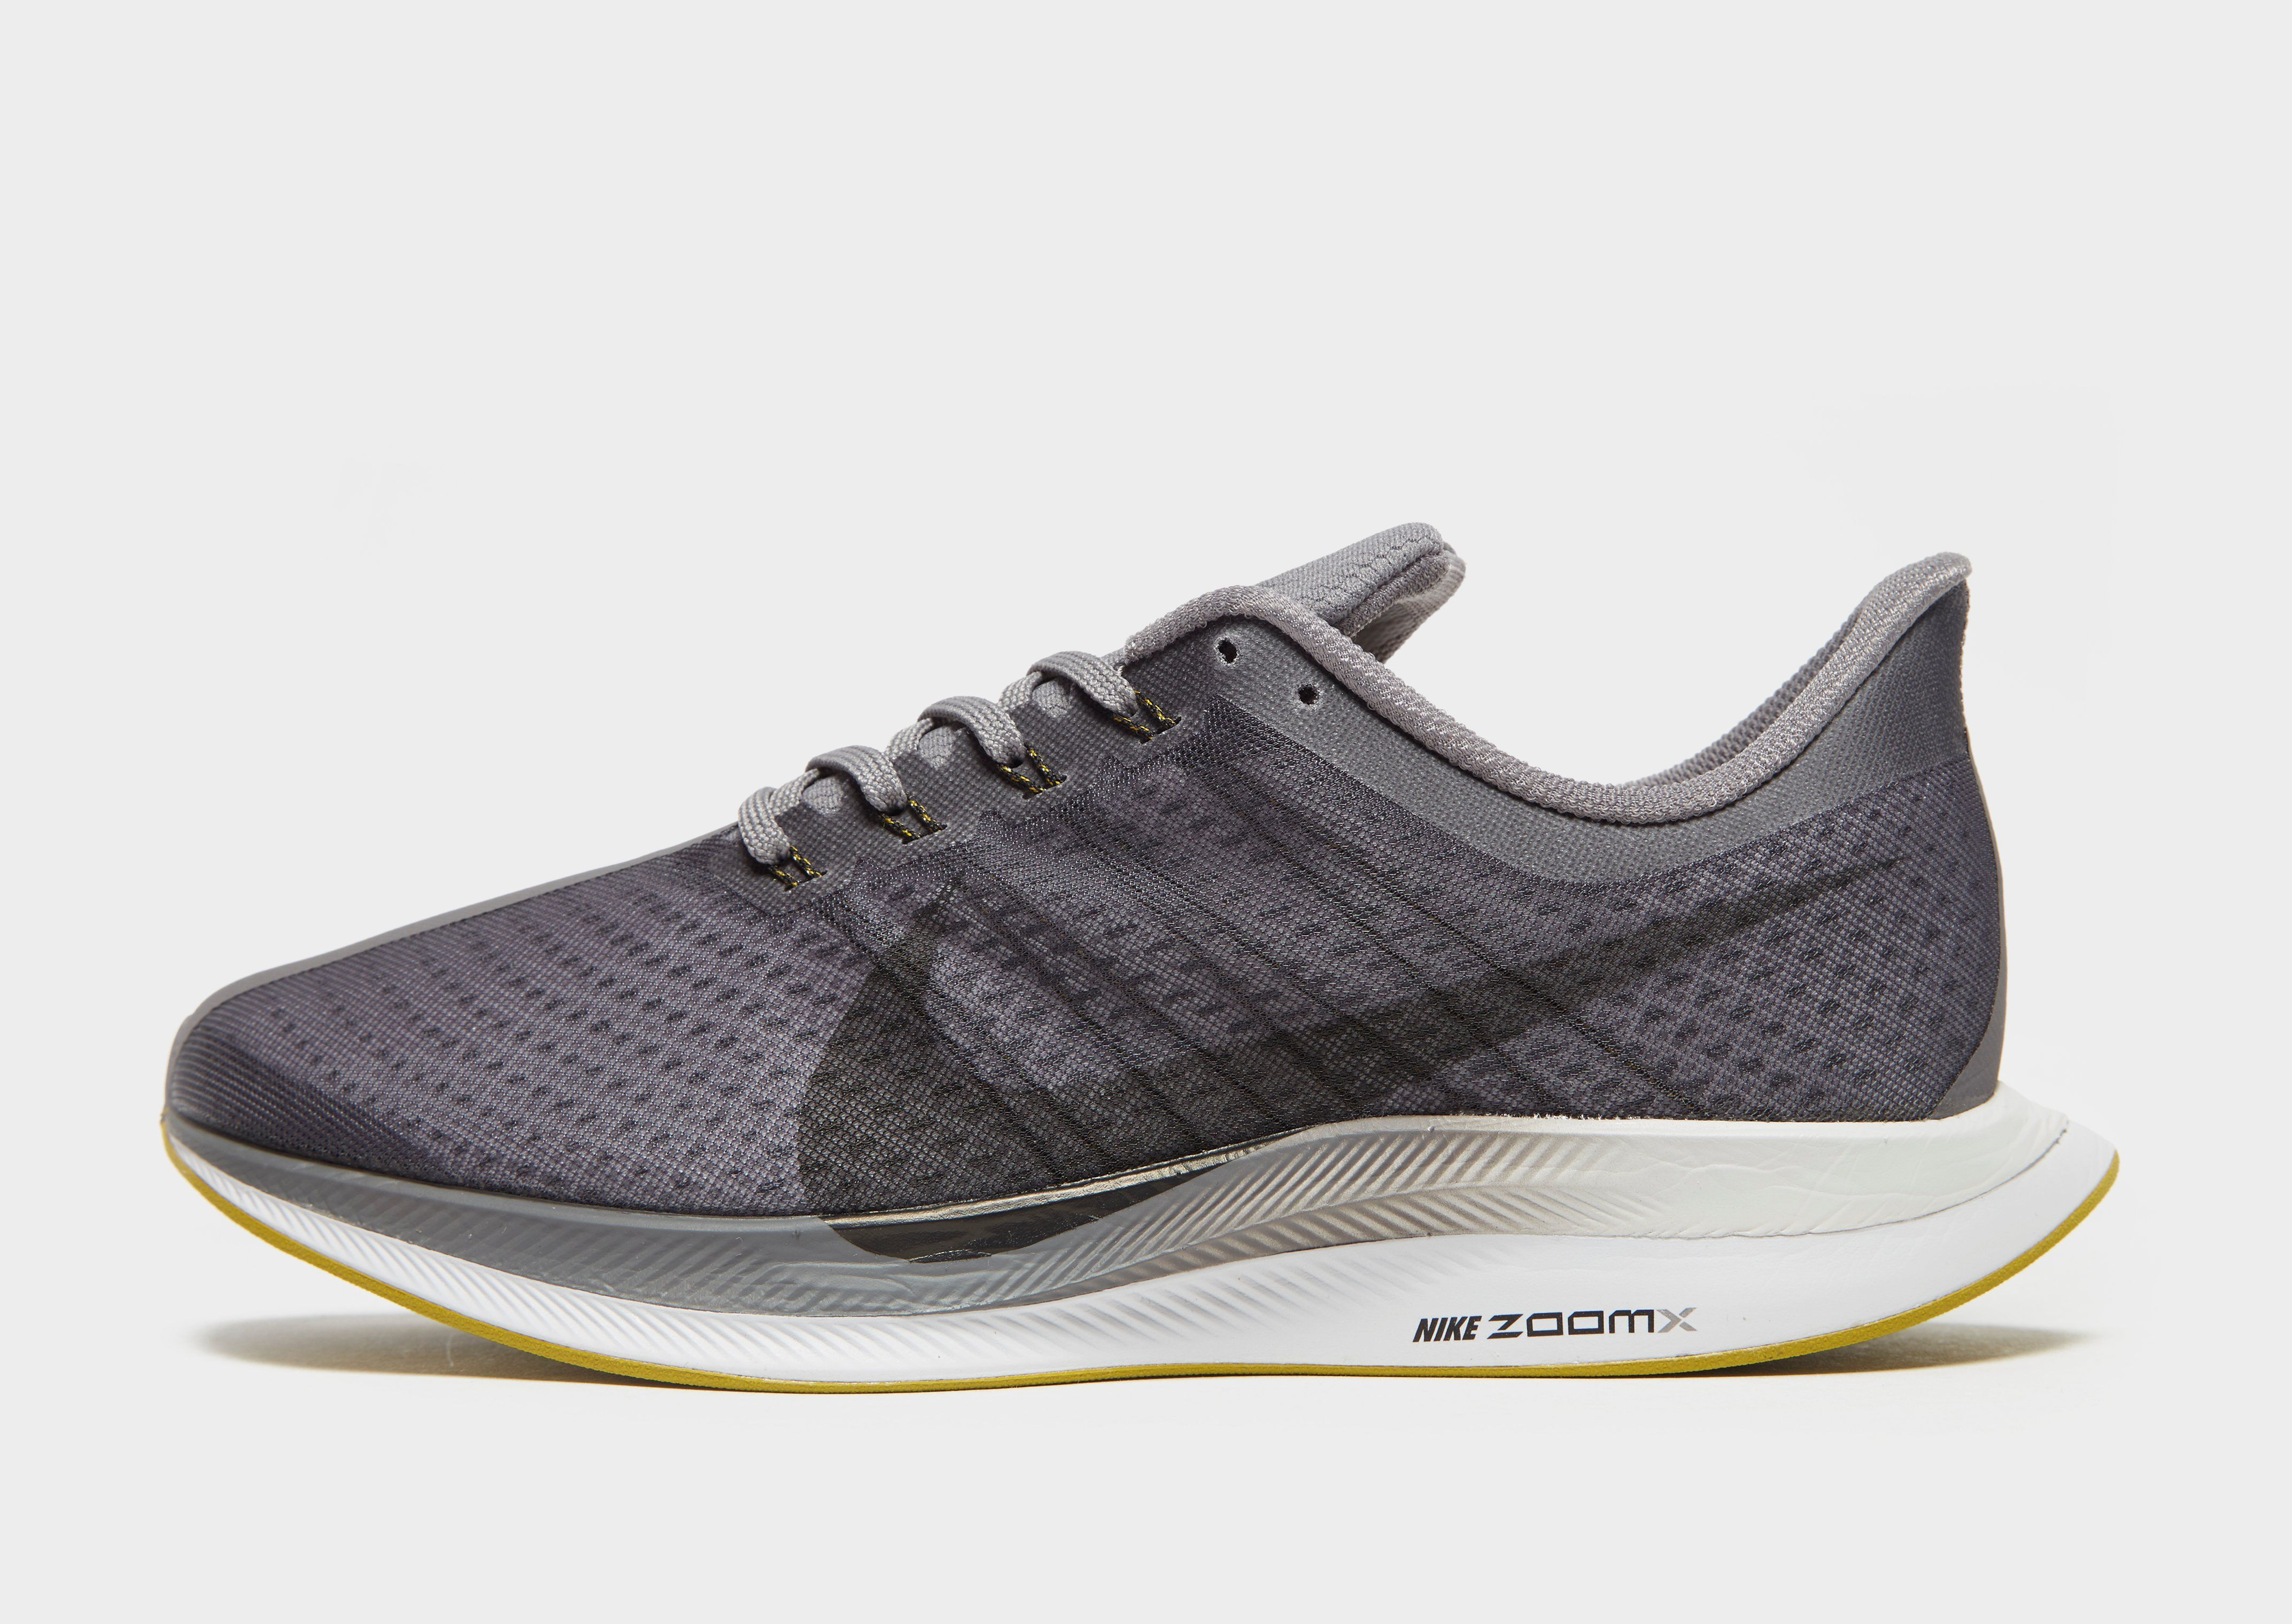 a549b5bc2 Nike Zoom Pegasus 35 Turbo | JD Sports